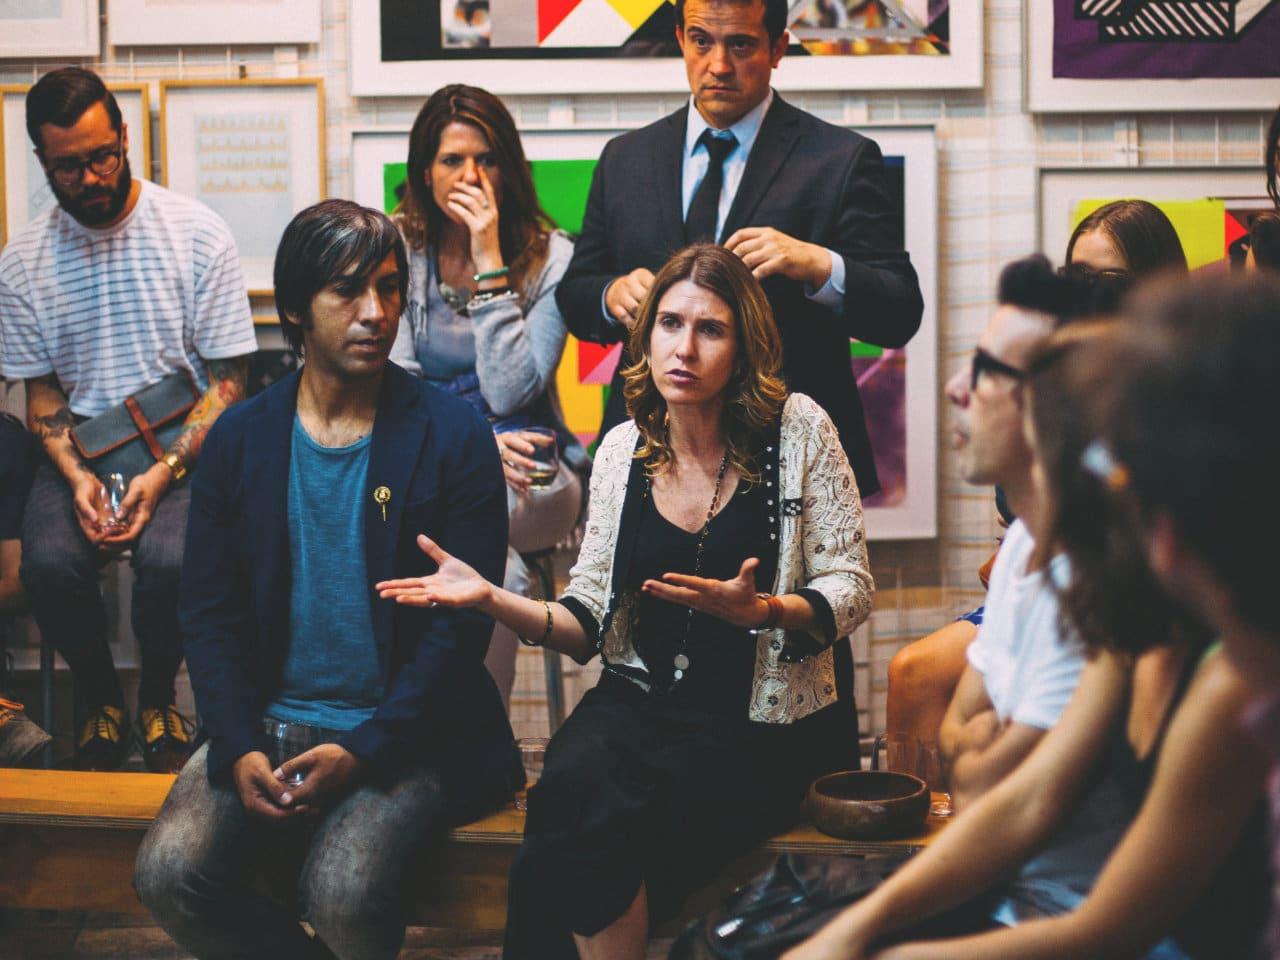 Grupo de pessoas discutindo possibilidades